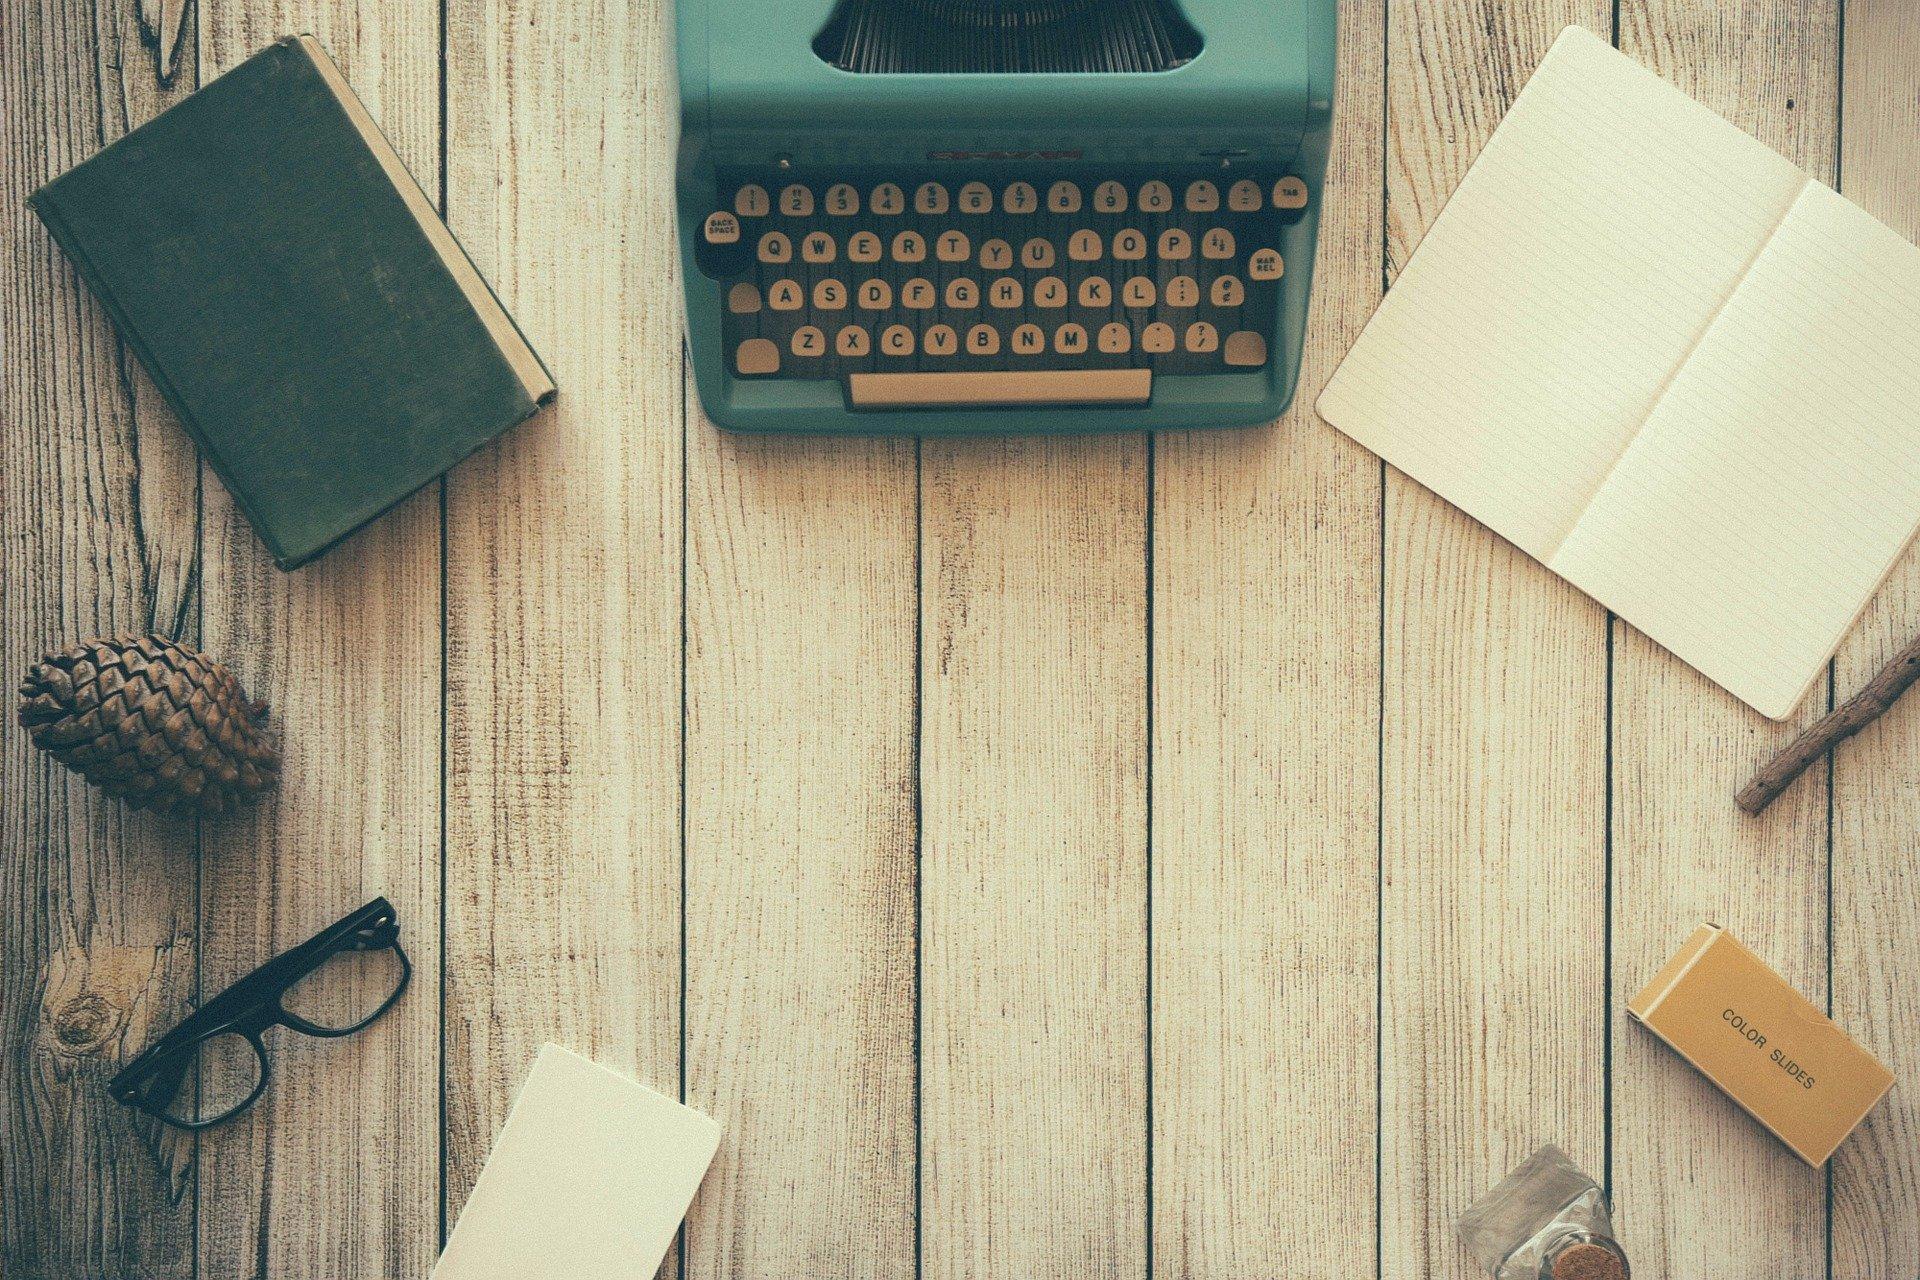 Jak může typografie ovlivnit úspěšnost copywritingu?